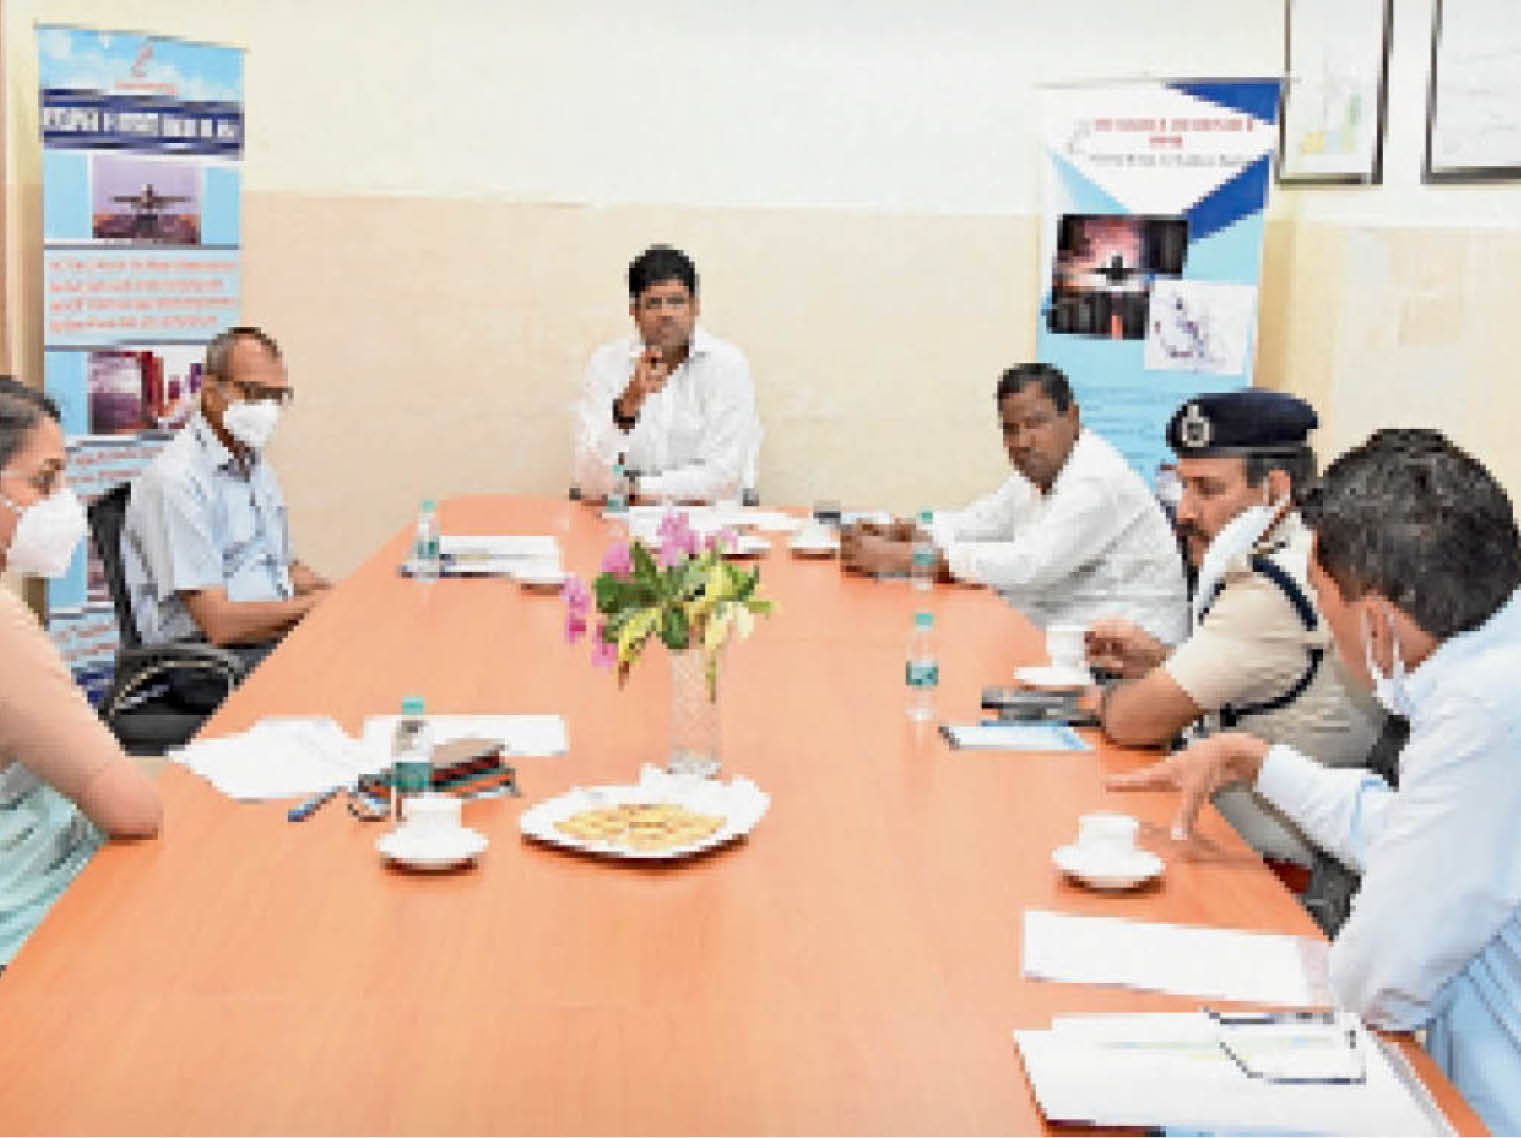 डिप्टी सीएम के साथ बैठक में राज्यमंत्री अनूप, डीसी डॉ. प्रियंका सोनी, निगम आयुक्त अशोक कुमार गर्ग, डीआईजी बलवान सिंह राणा भी मौजूद थे। - Dainik Bhaskar